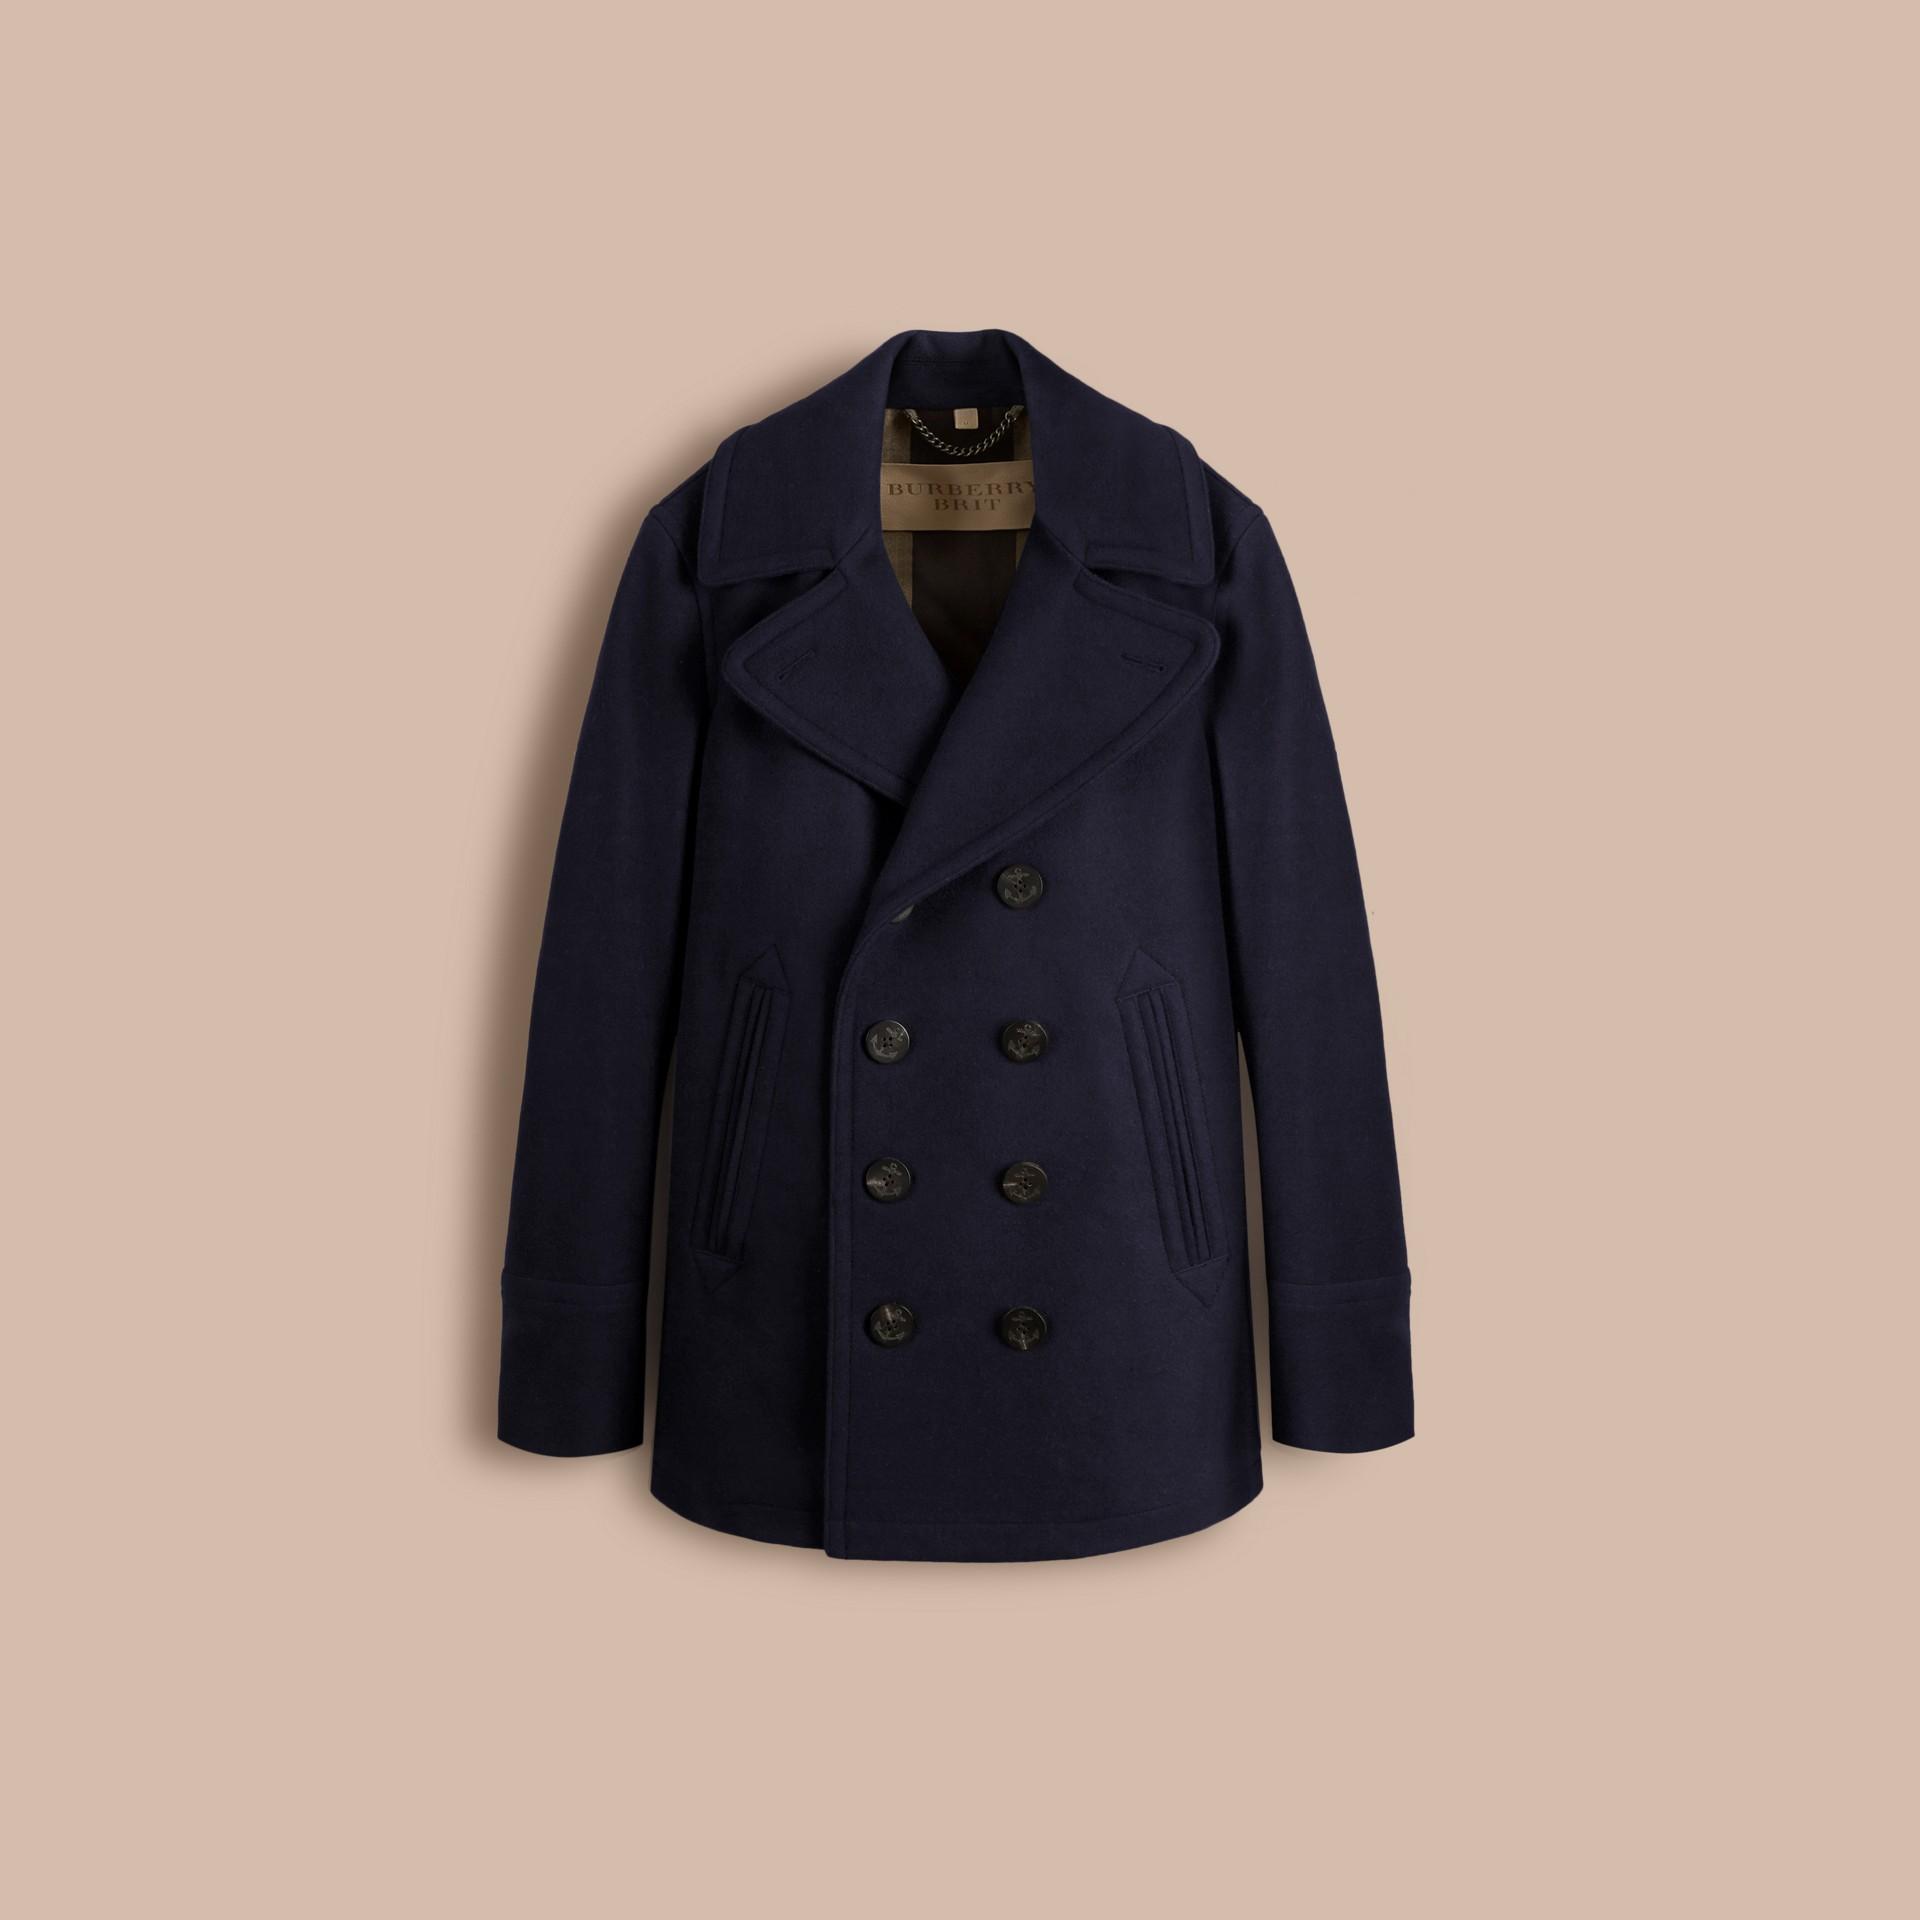 Azul marinho Pea Coat de lã e cashmere - galeria de imagens 3